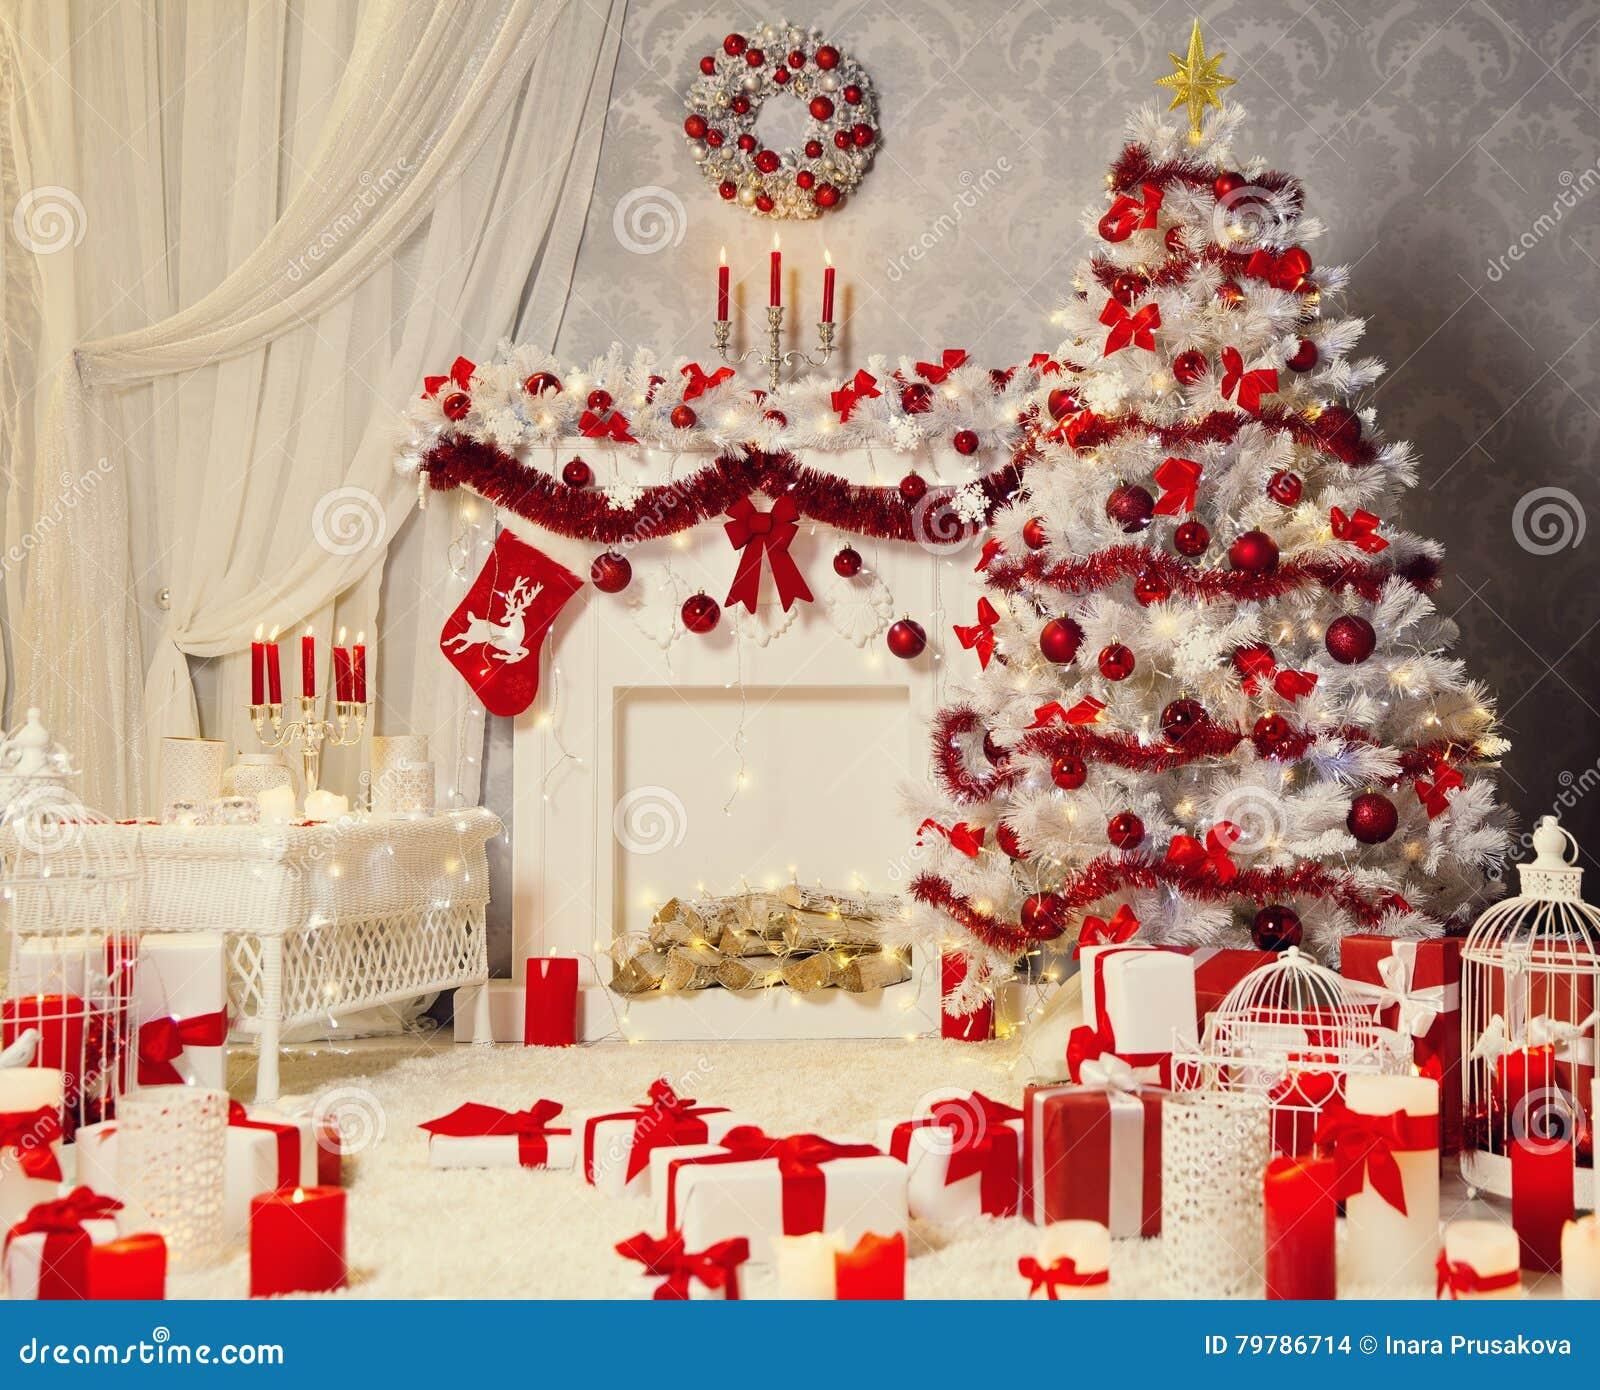 Weihnachtsraum Innen Weisser Weihnachtsbaum Kamin Dekoration Stockfoto Bild Von Weisser Weihnachtsbaum 79786714